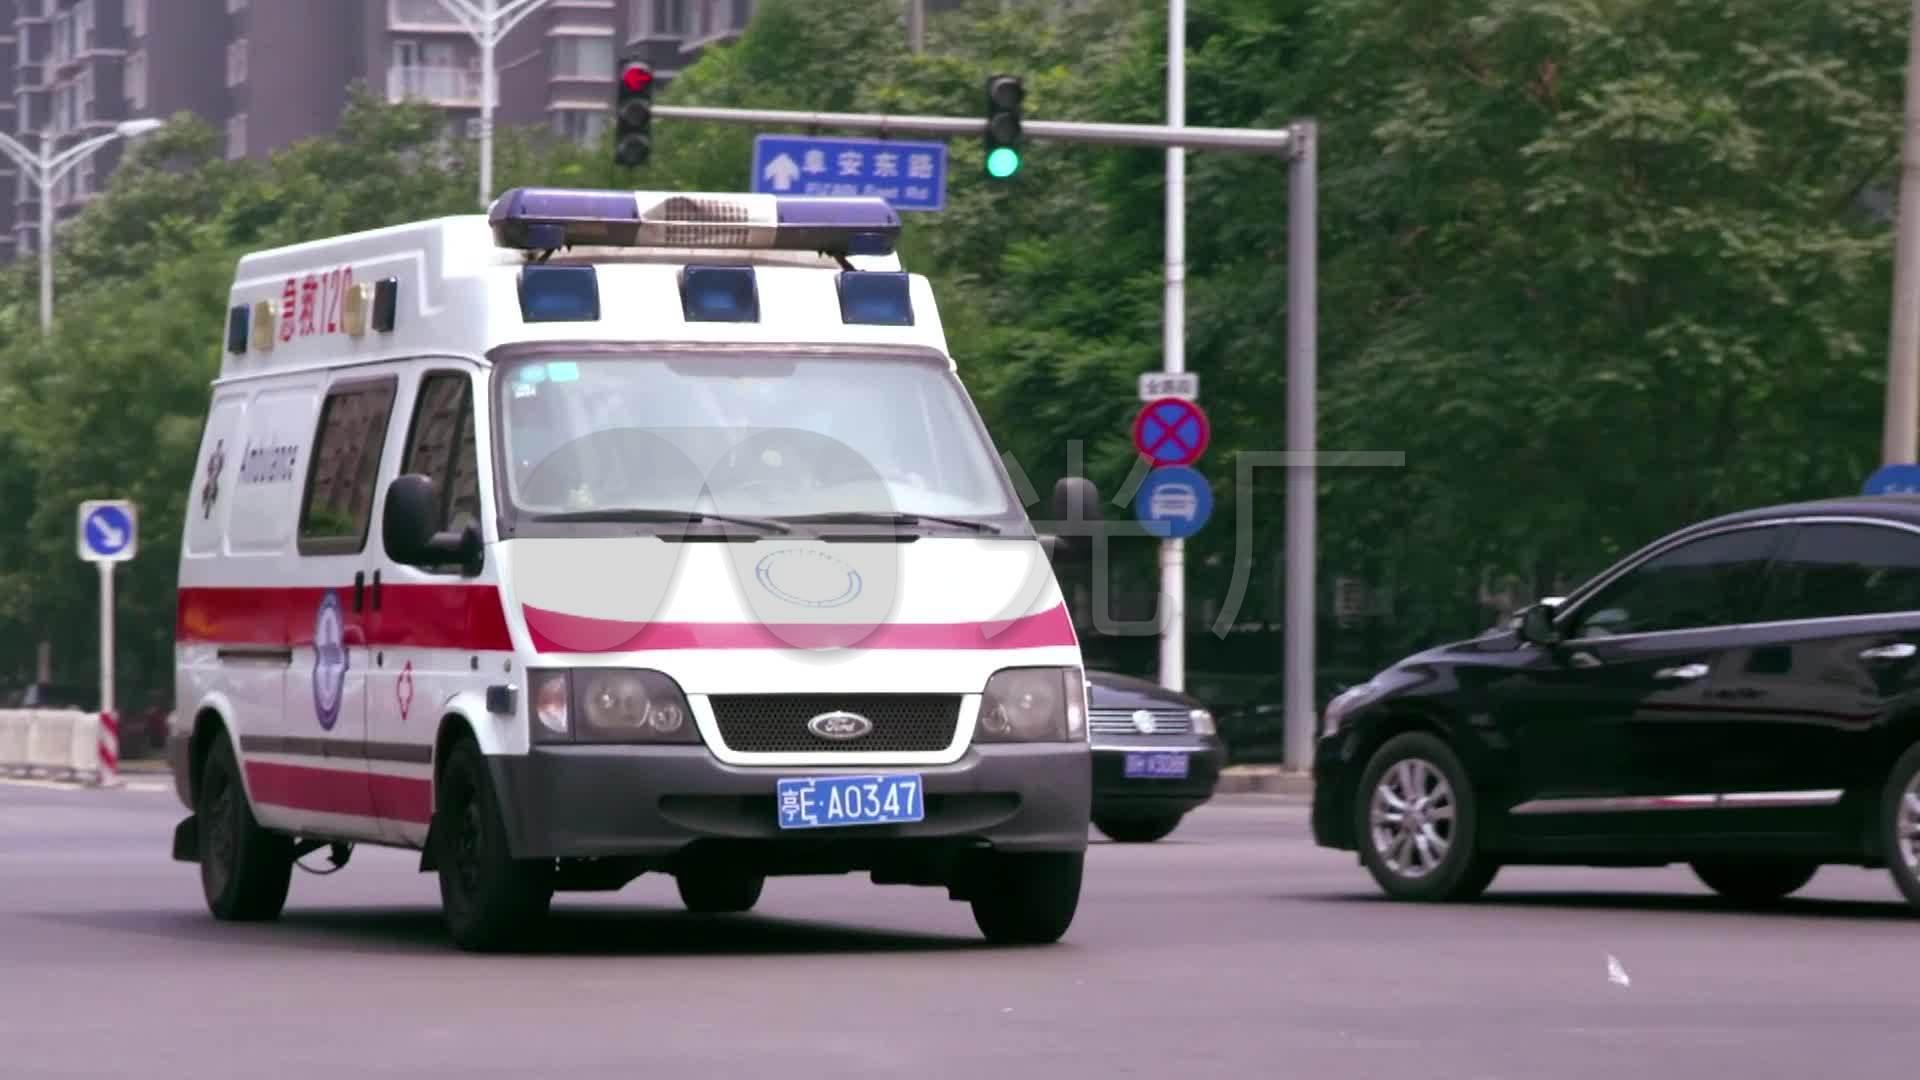 120急救车_1920X1080_视频婚礼素材下载(编高清原平视频图片